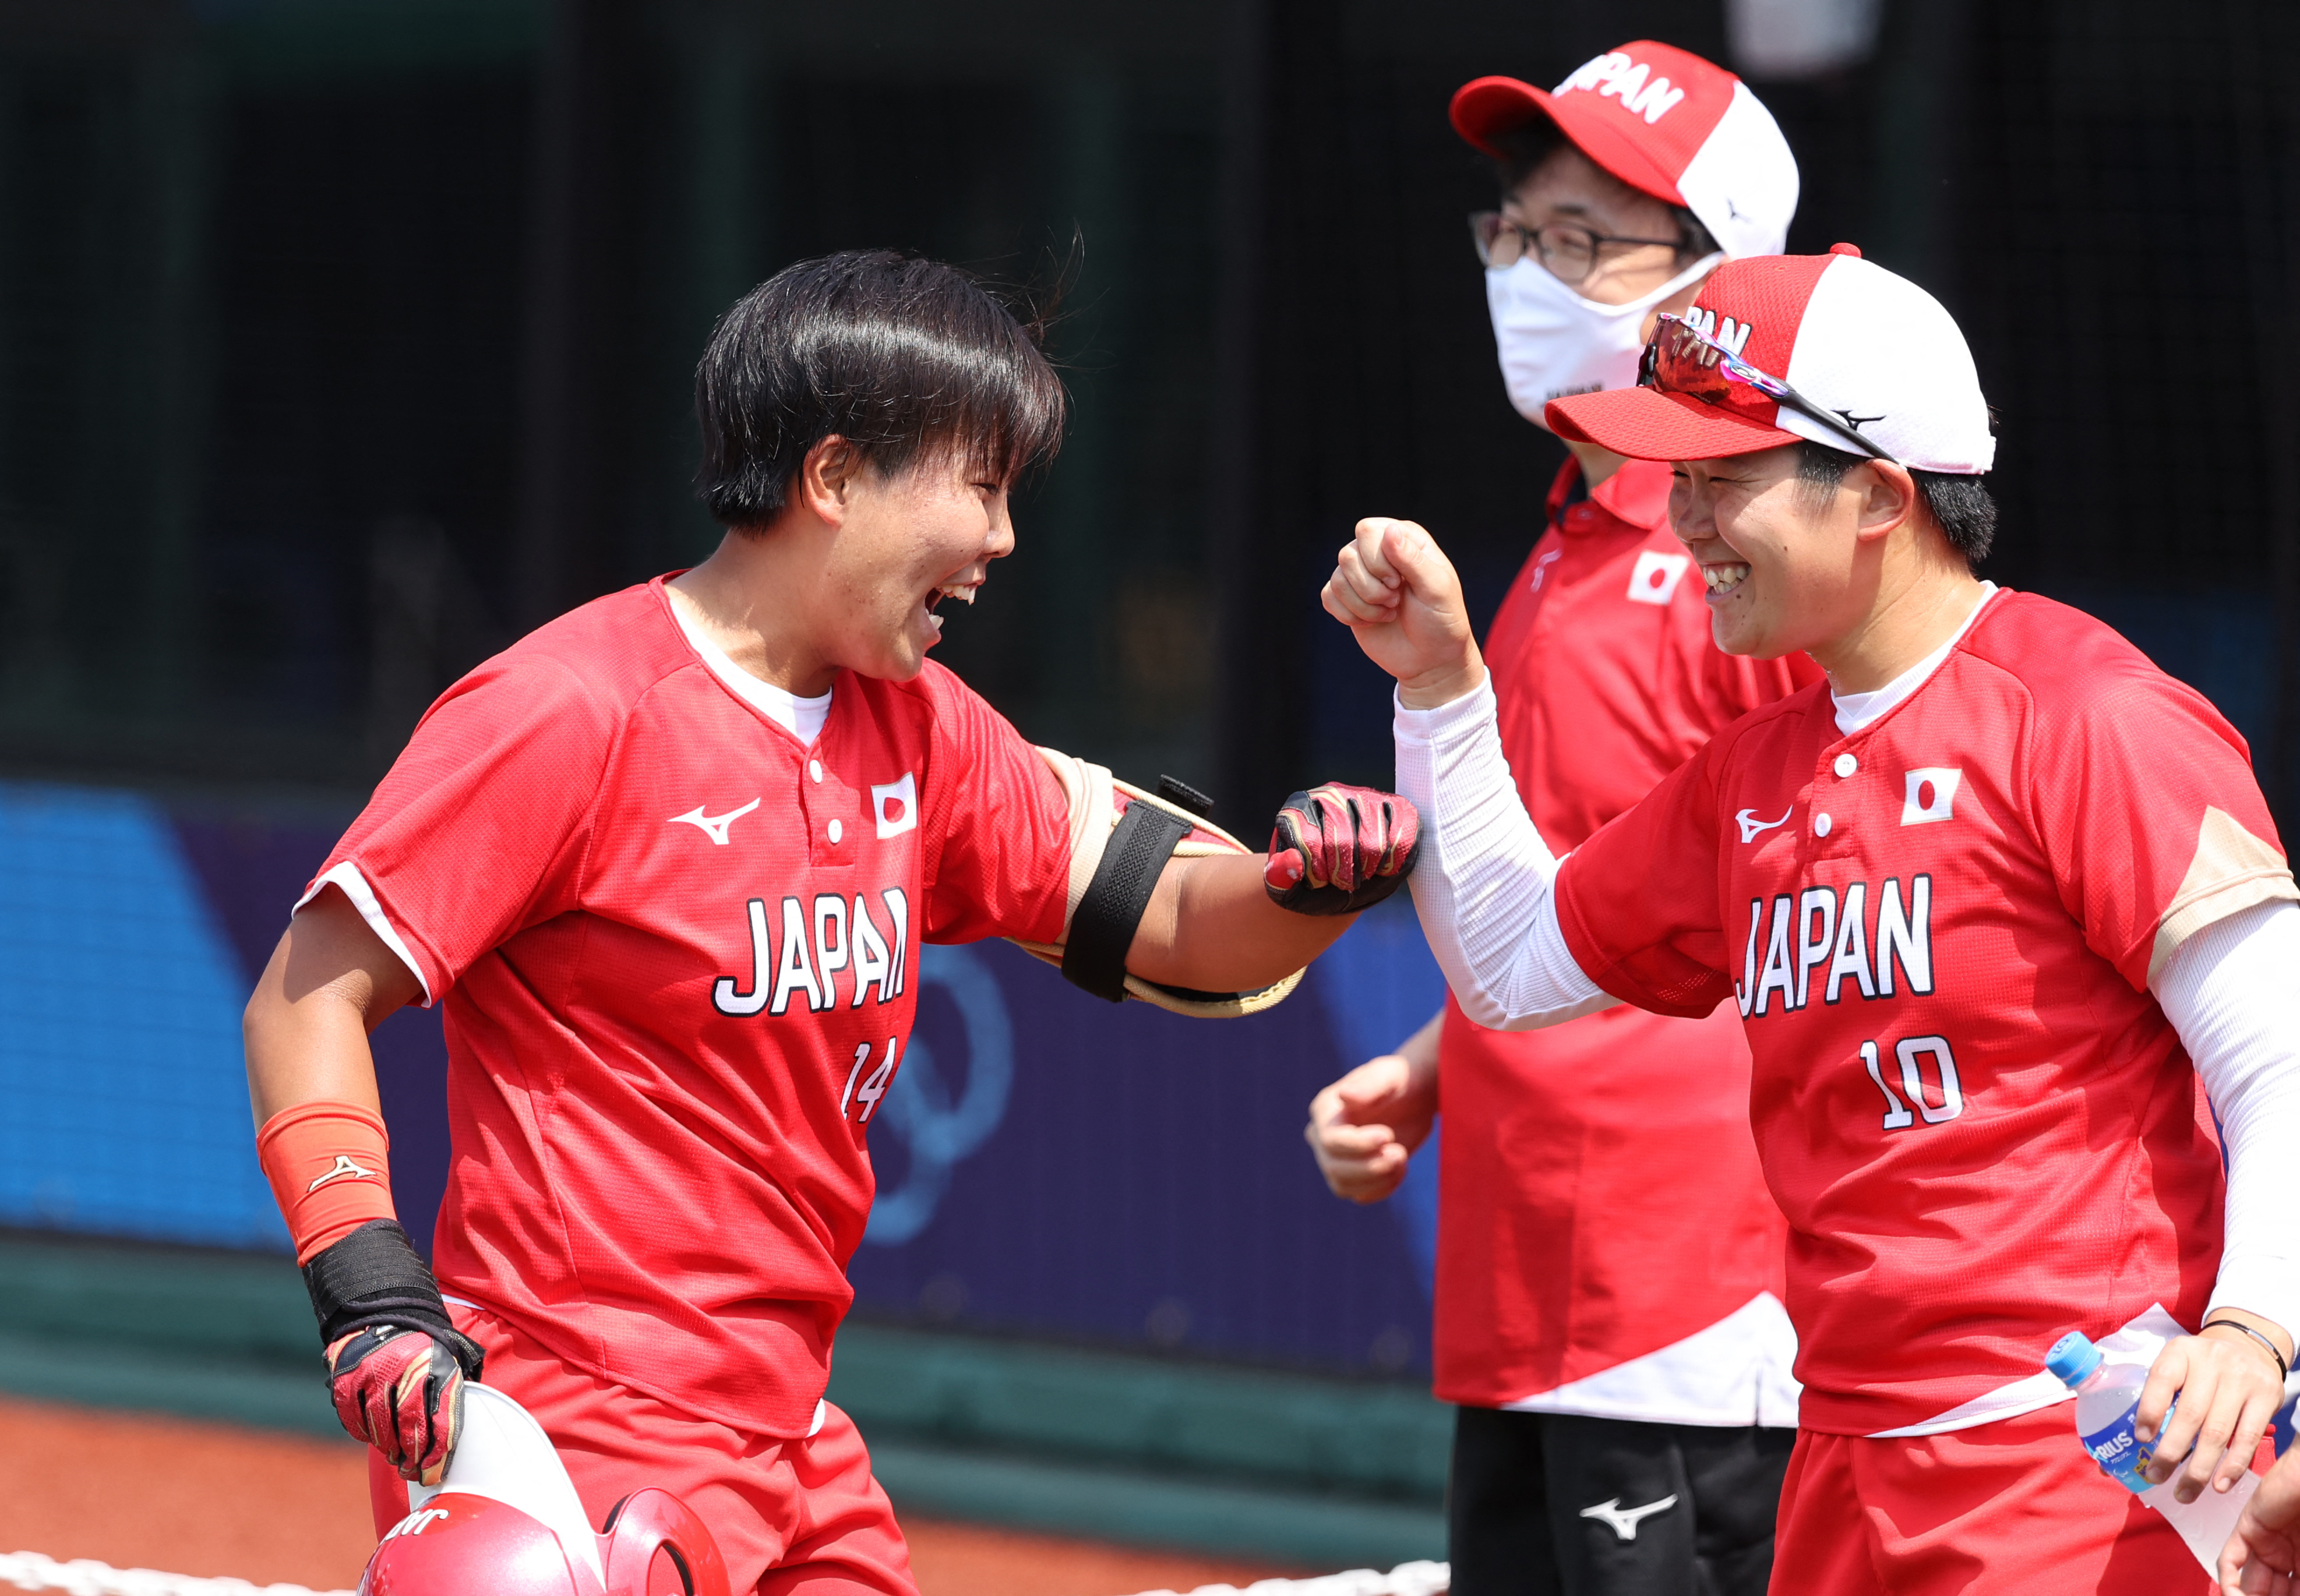 Softball-meccsekkel kezdődik az olimpia